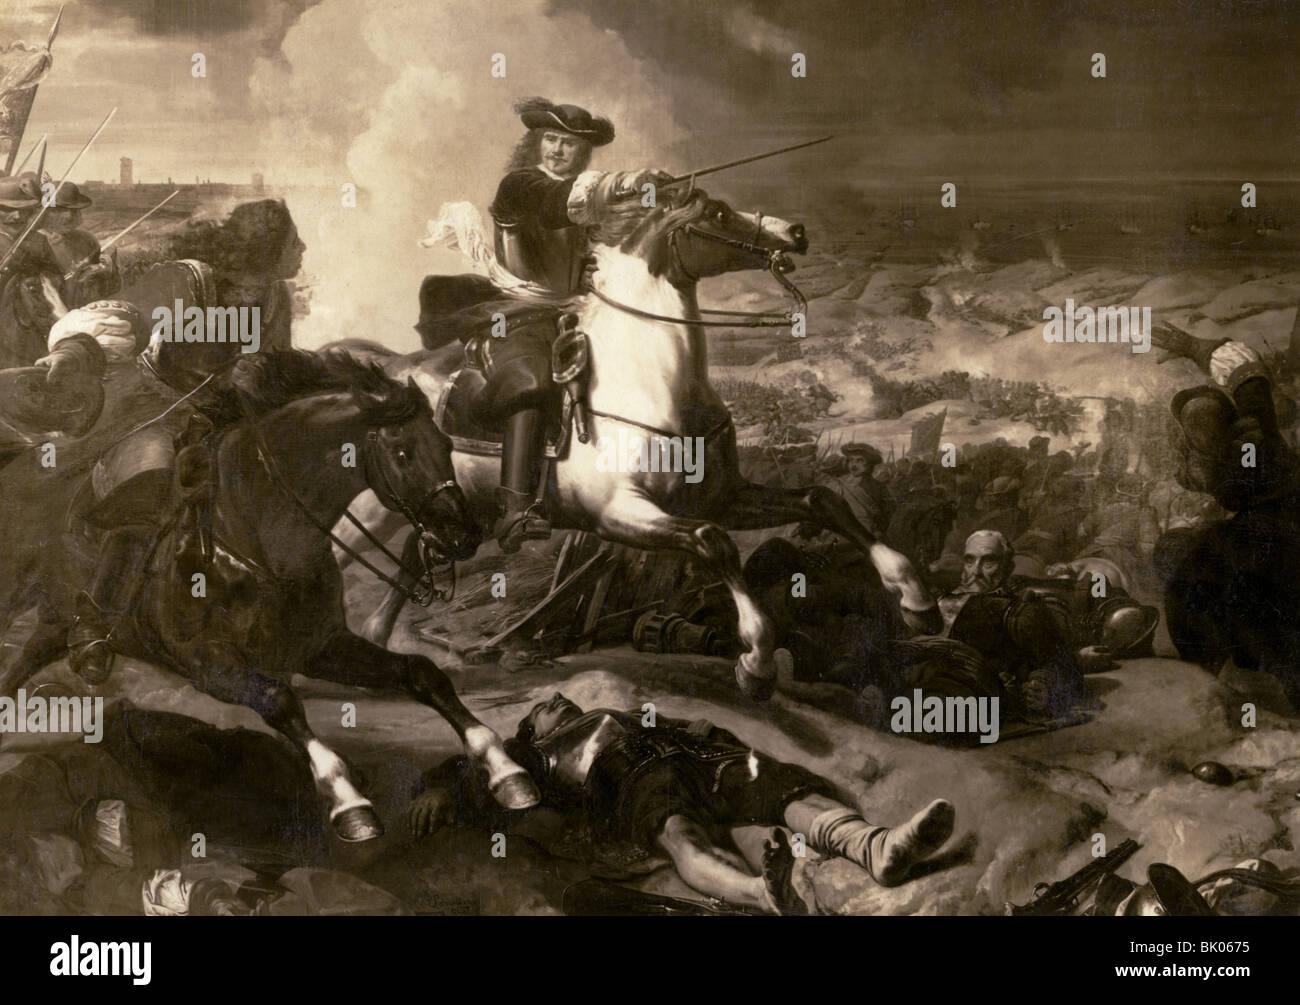 Turenne, Henri de Tour d' Auvergne Vicomte de, 11.9.1611 - 27.7.1679, French general, equestrian half length, - Stock Image